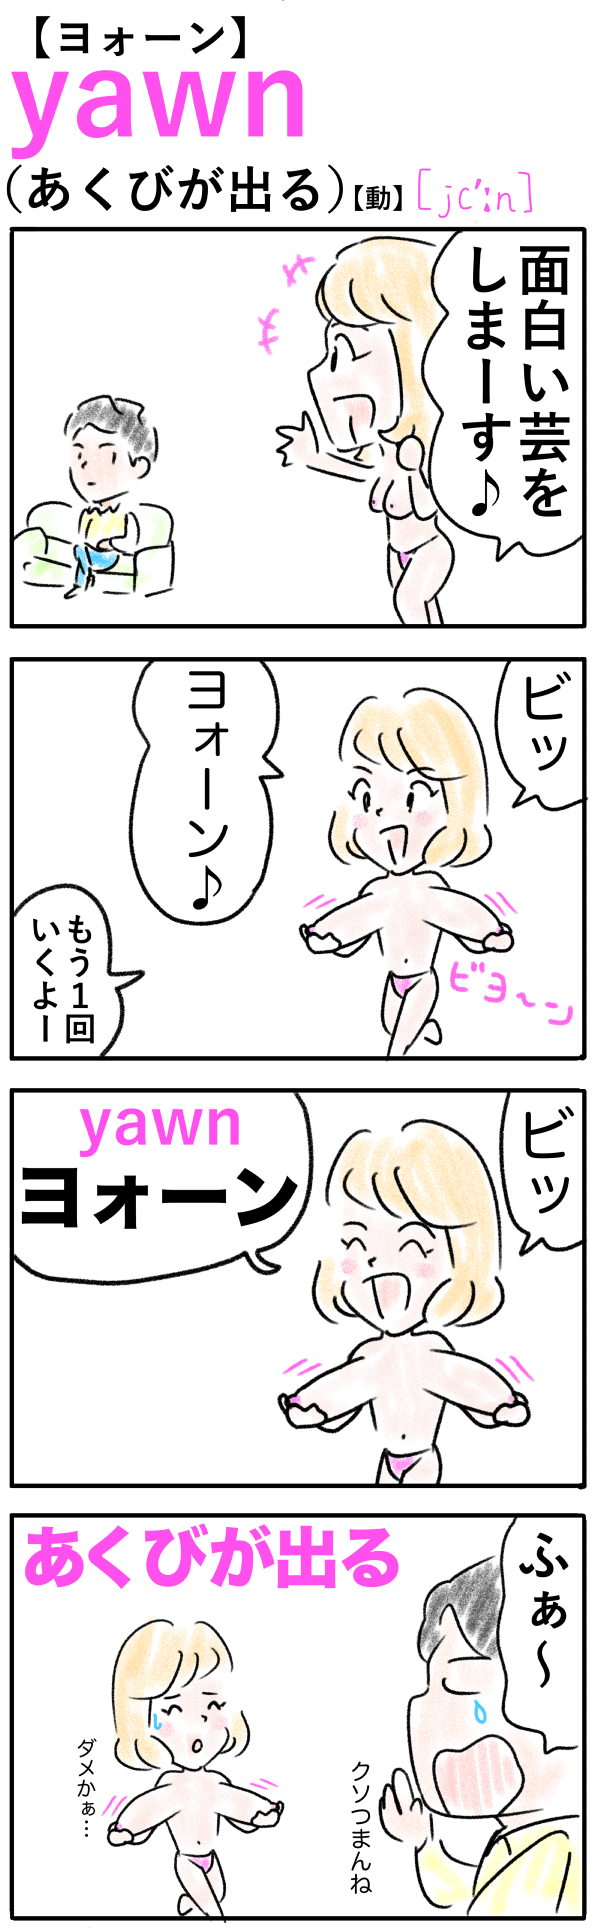 yawn(あくびが出る)の語呂合わせ英単語